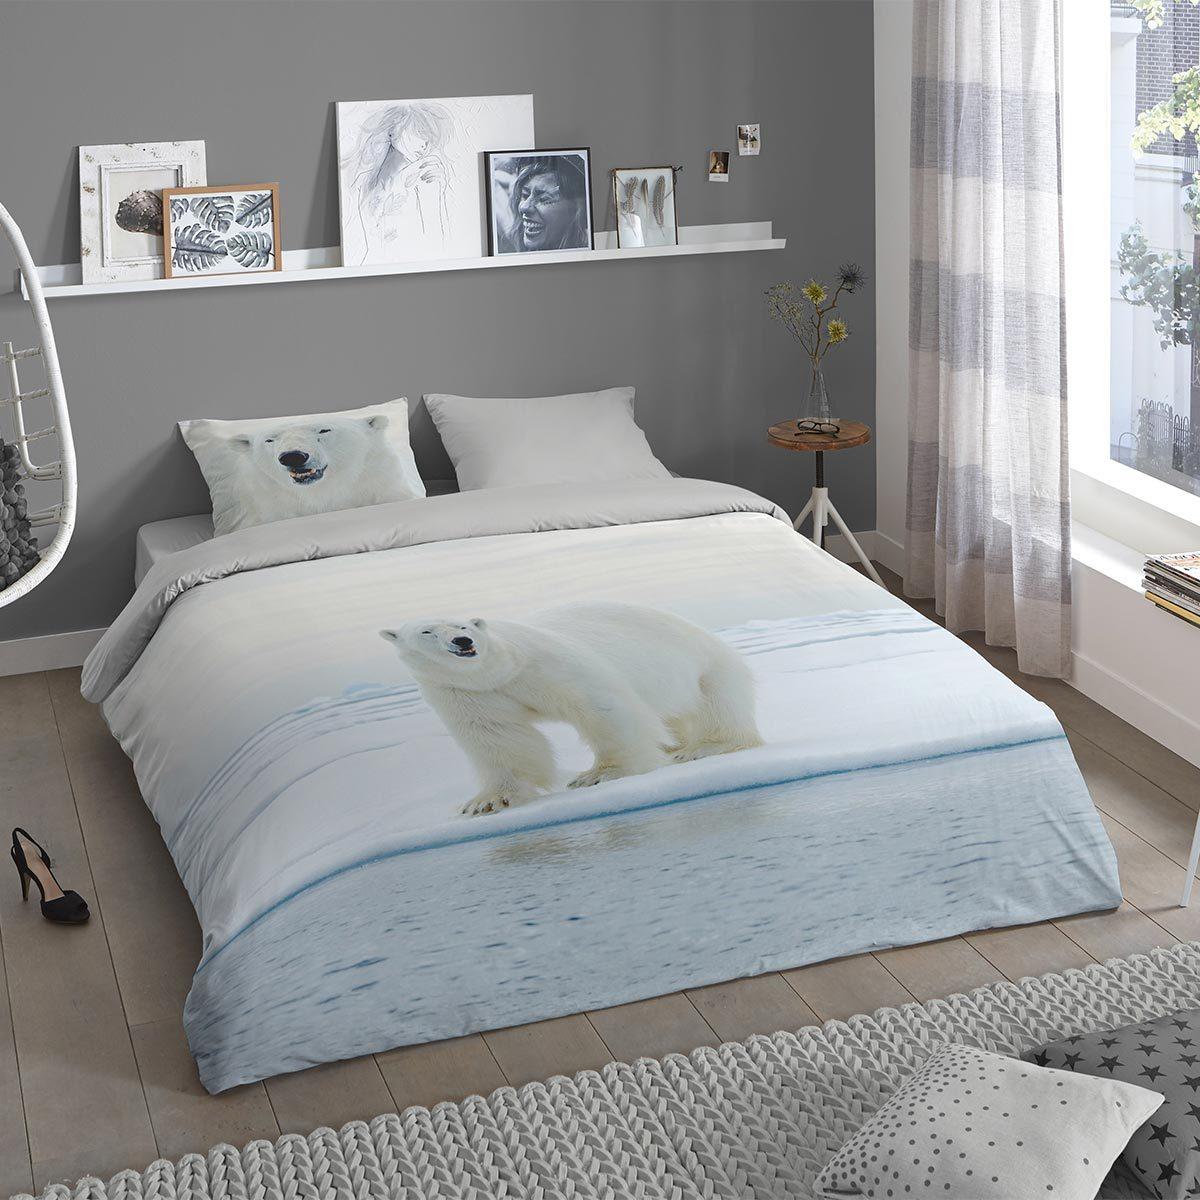 Traumschlaf Flanell Bettwäsche Eisbär